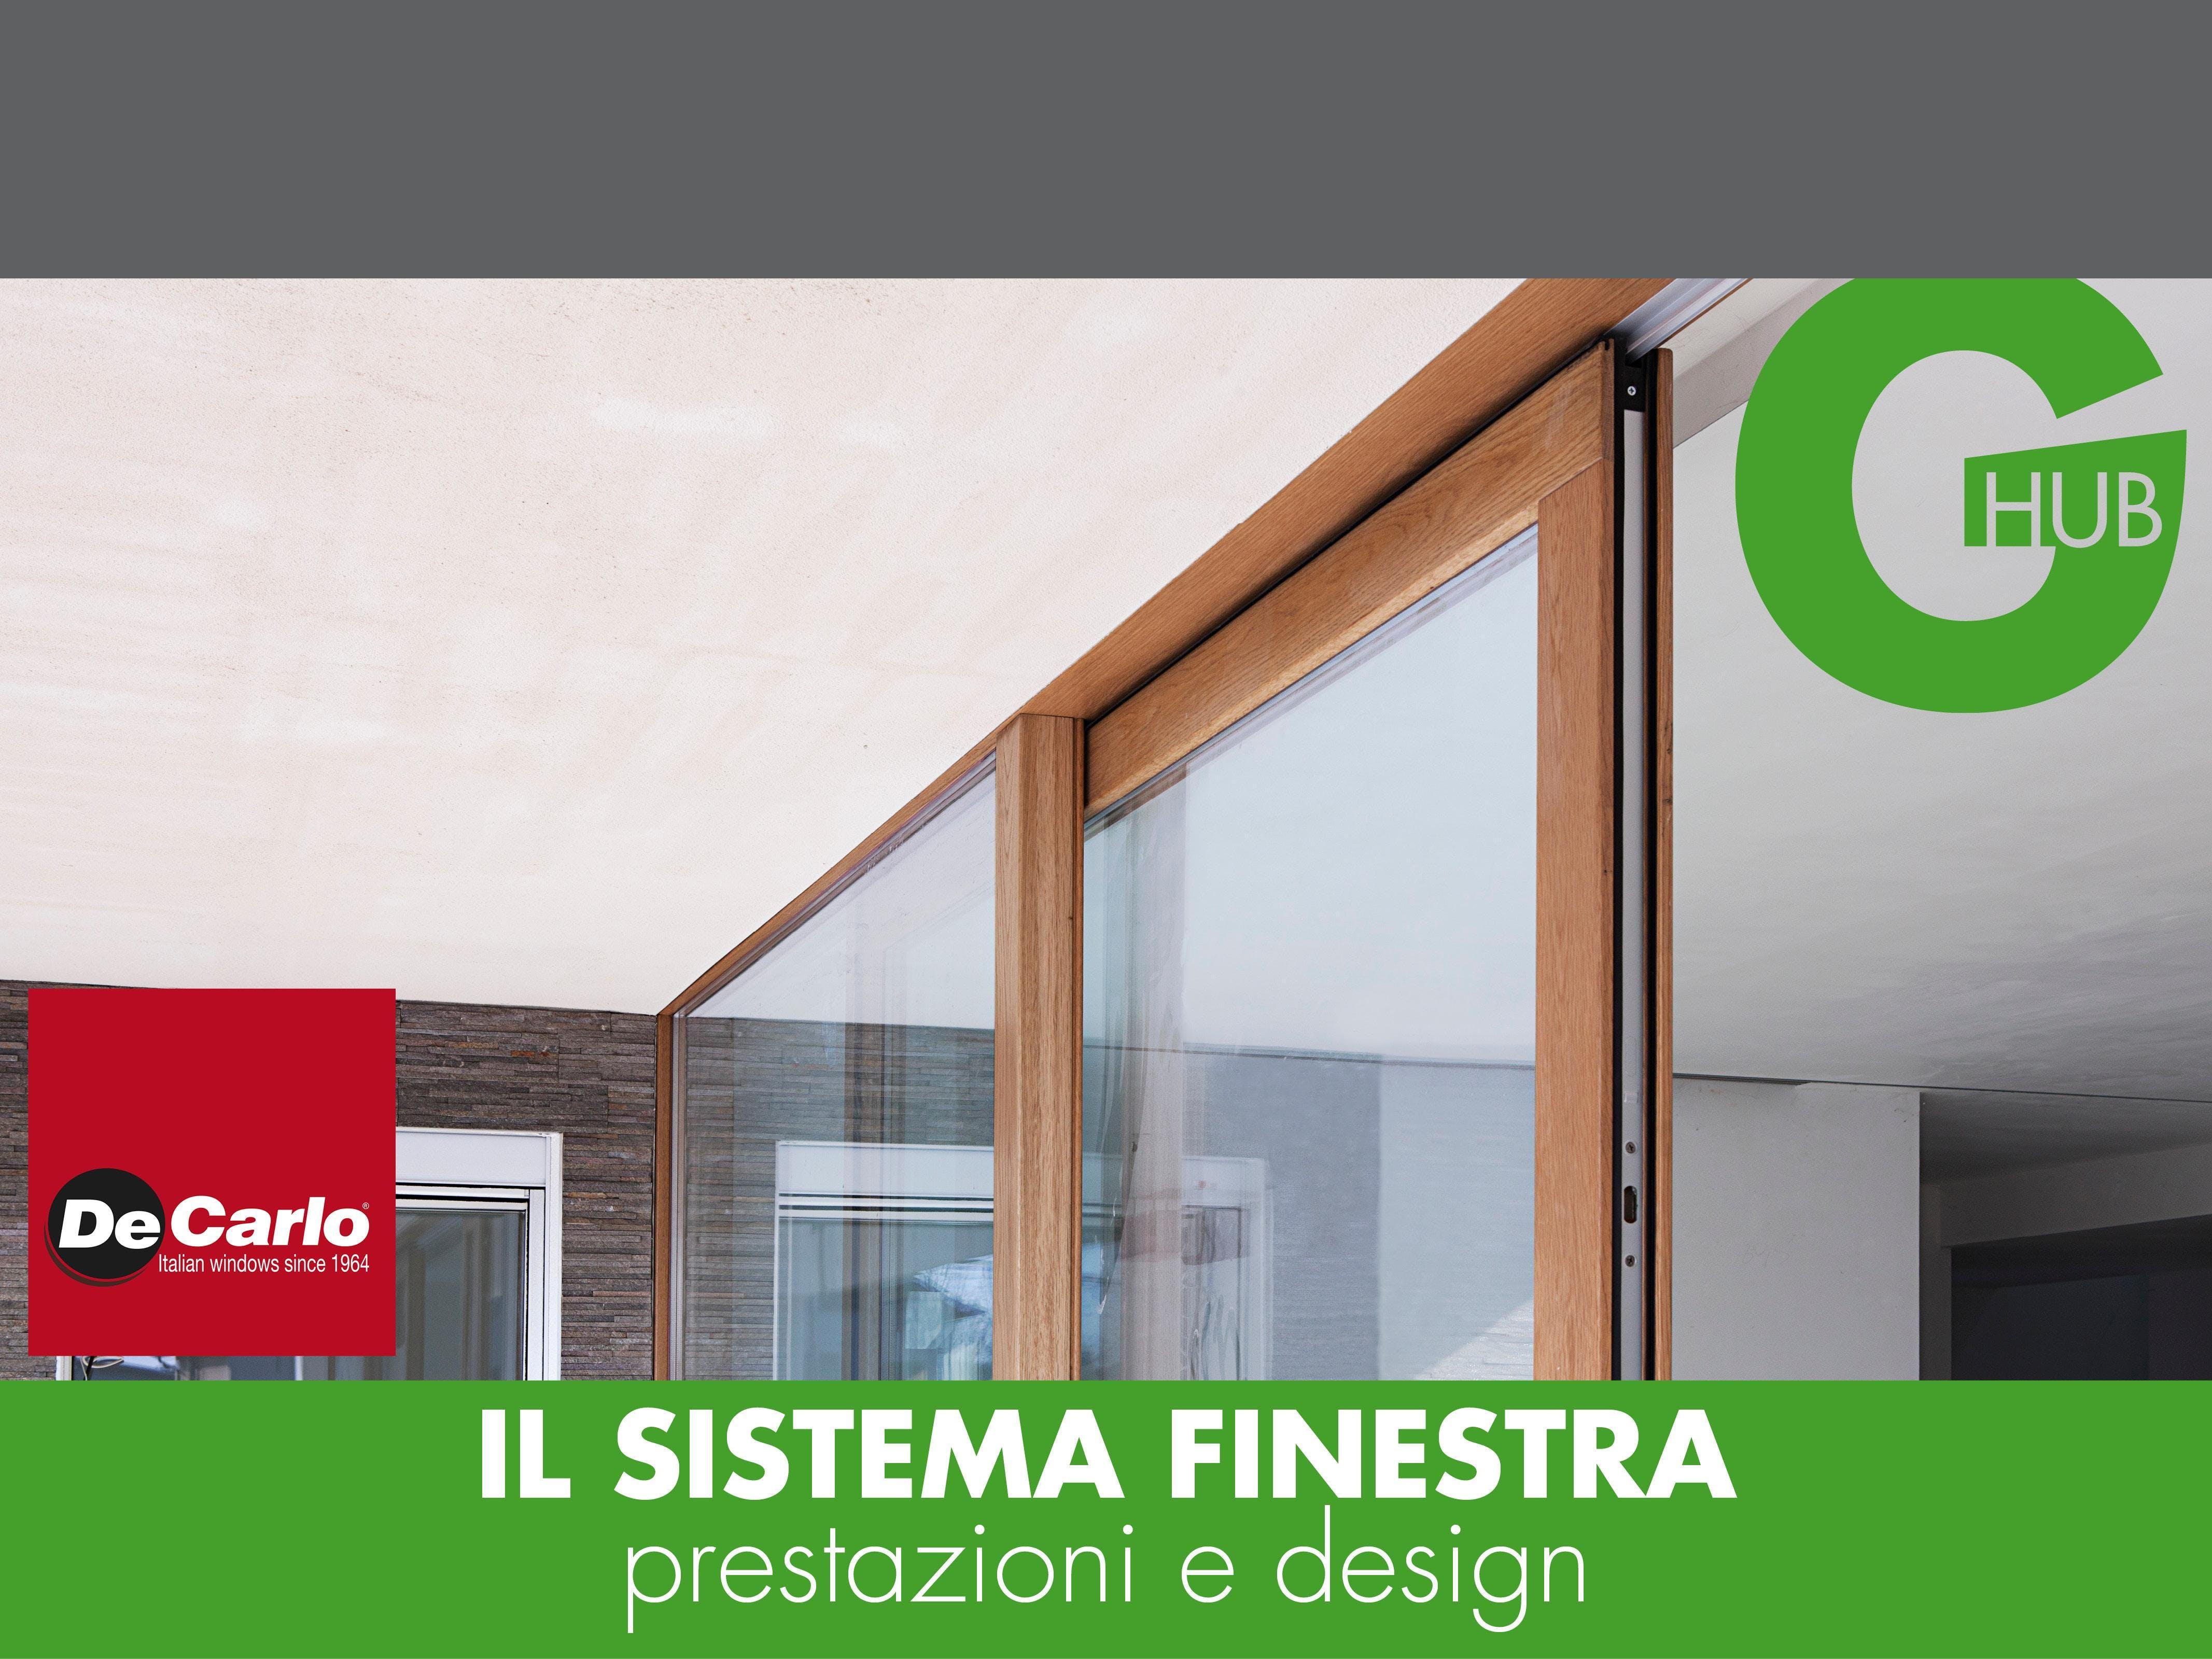 IL SISTEMA FINESTRA, prestazioni e design.